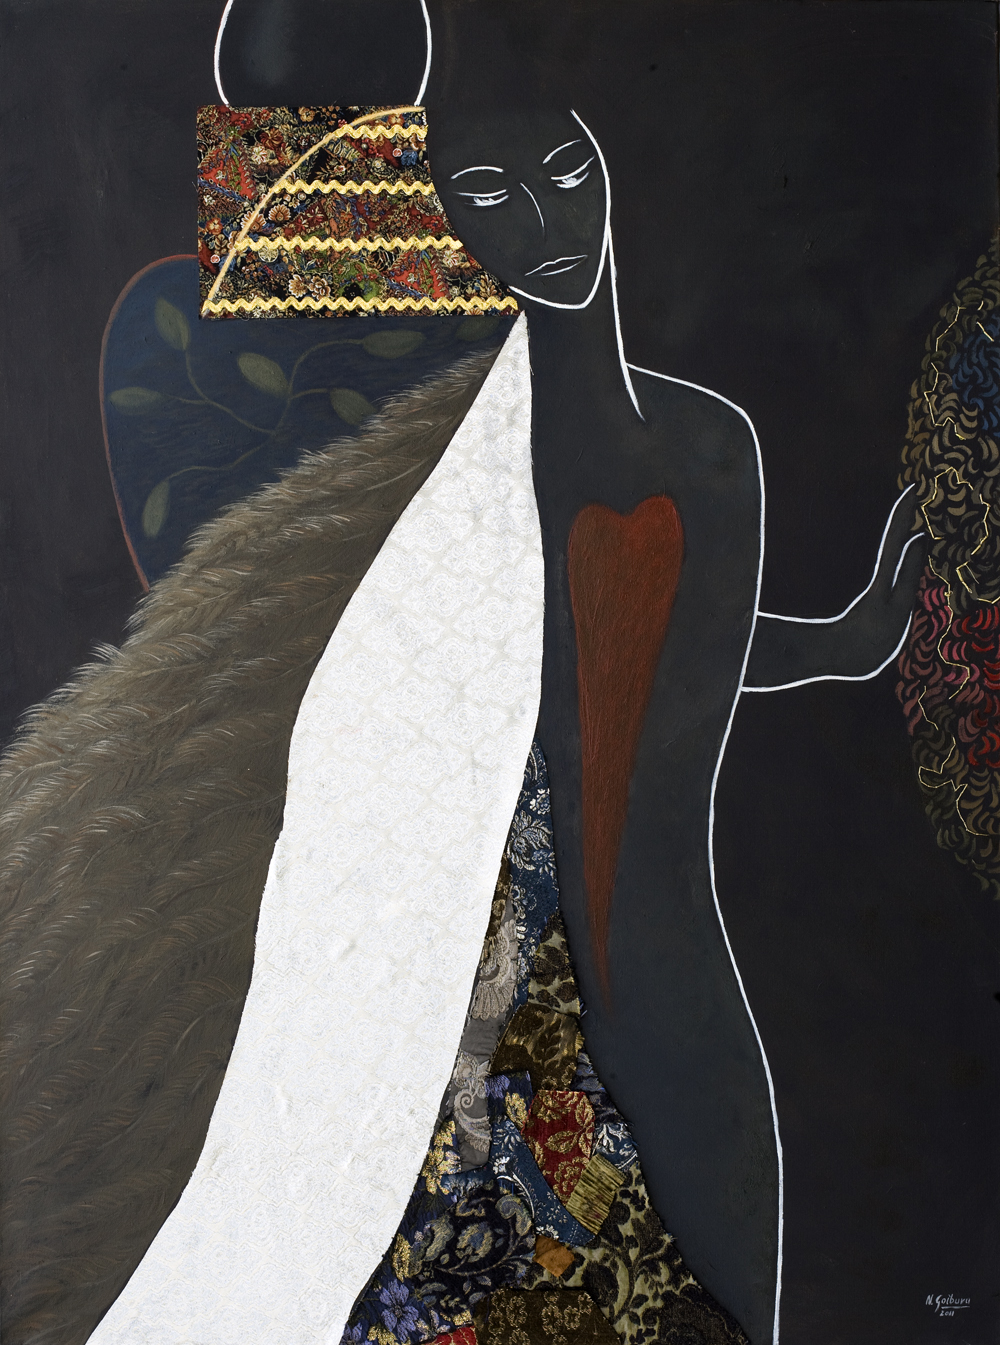 De las tinieblas resurge (2010) - Nisa Goiburu Mendizabal